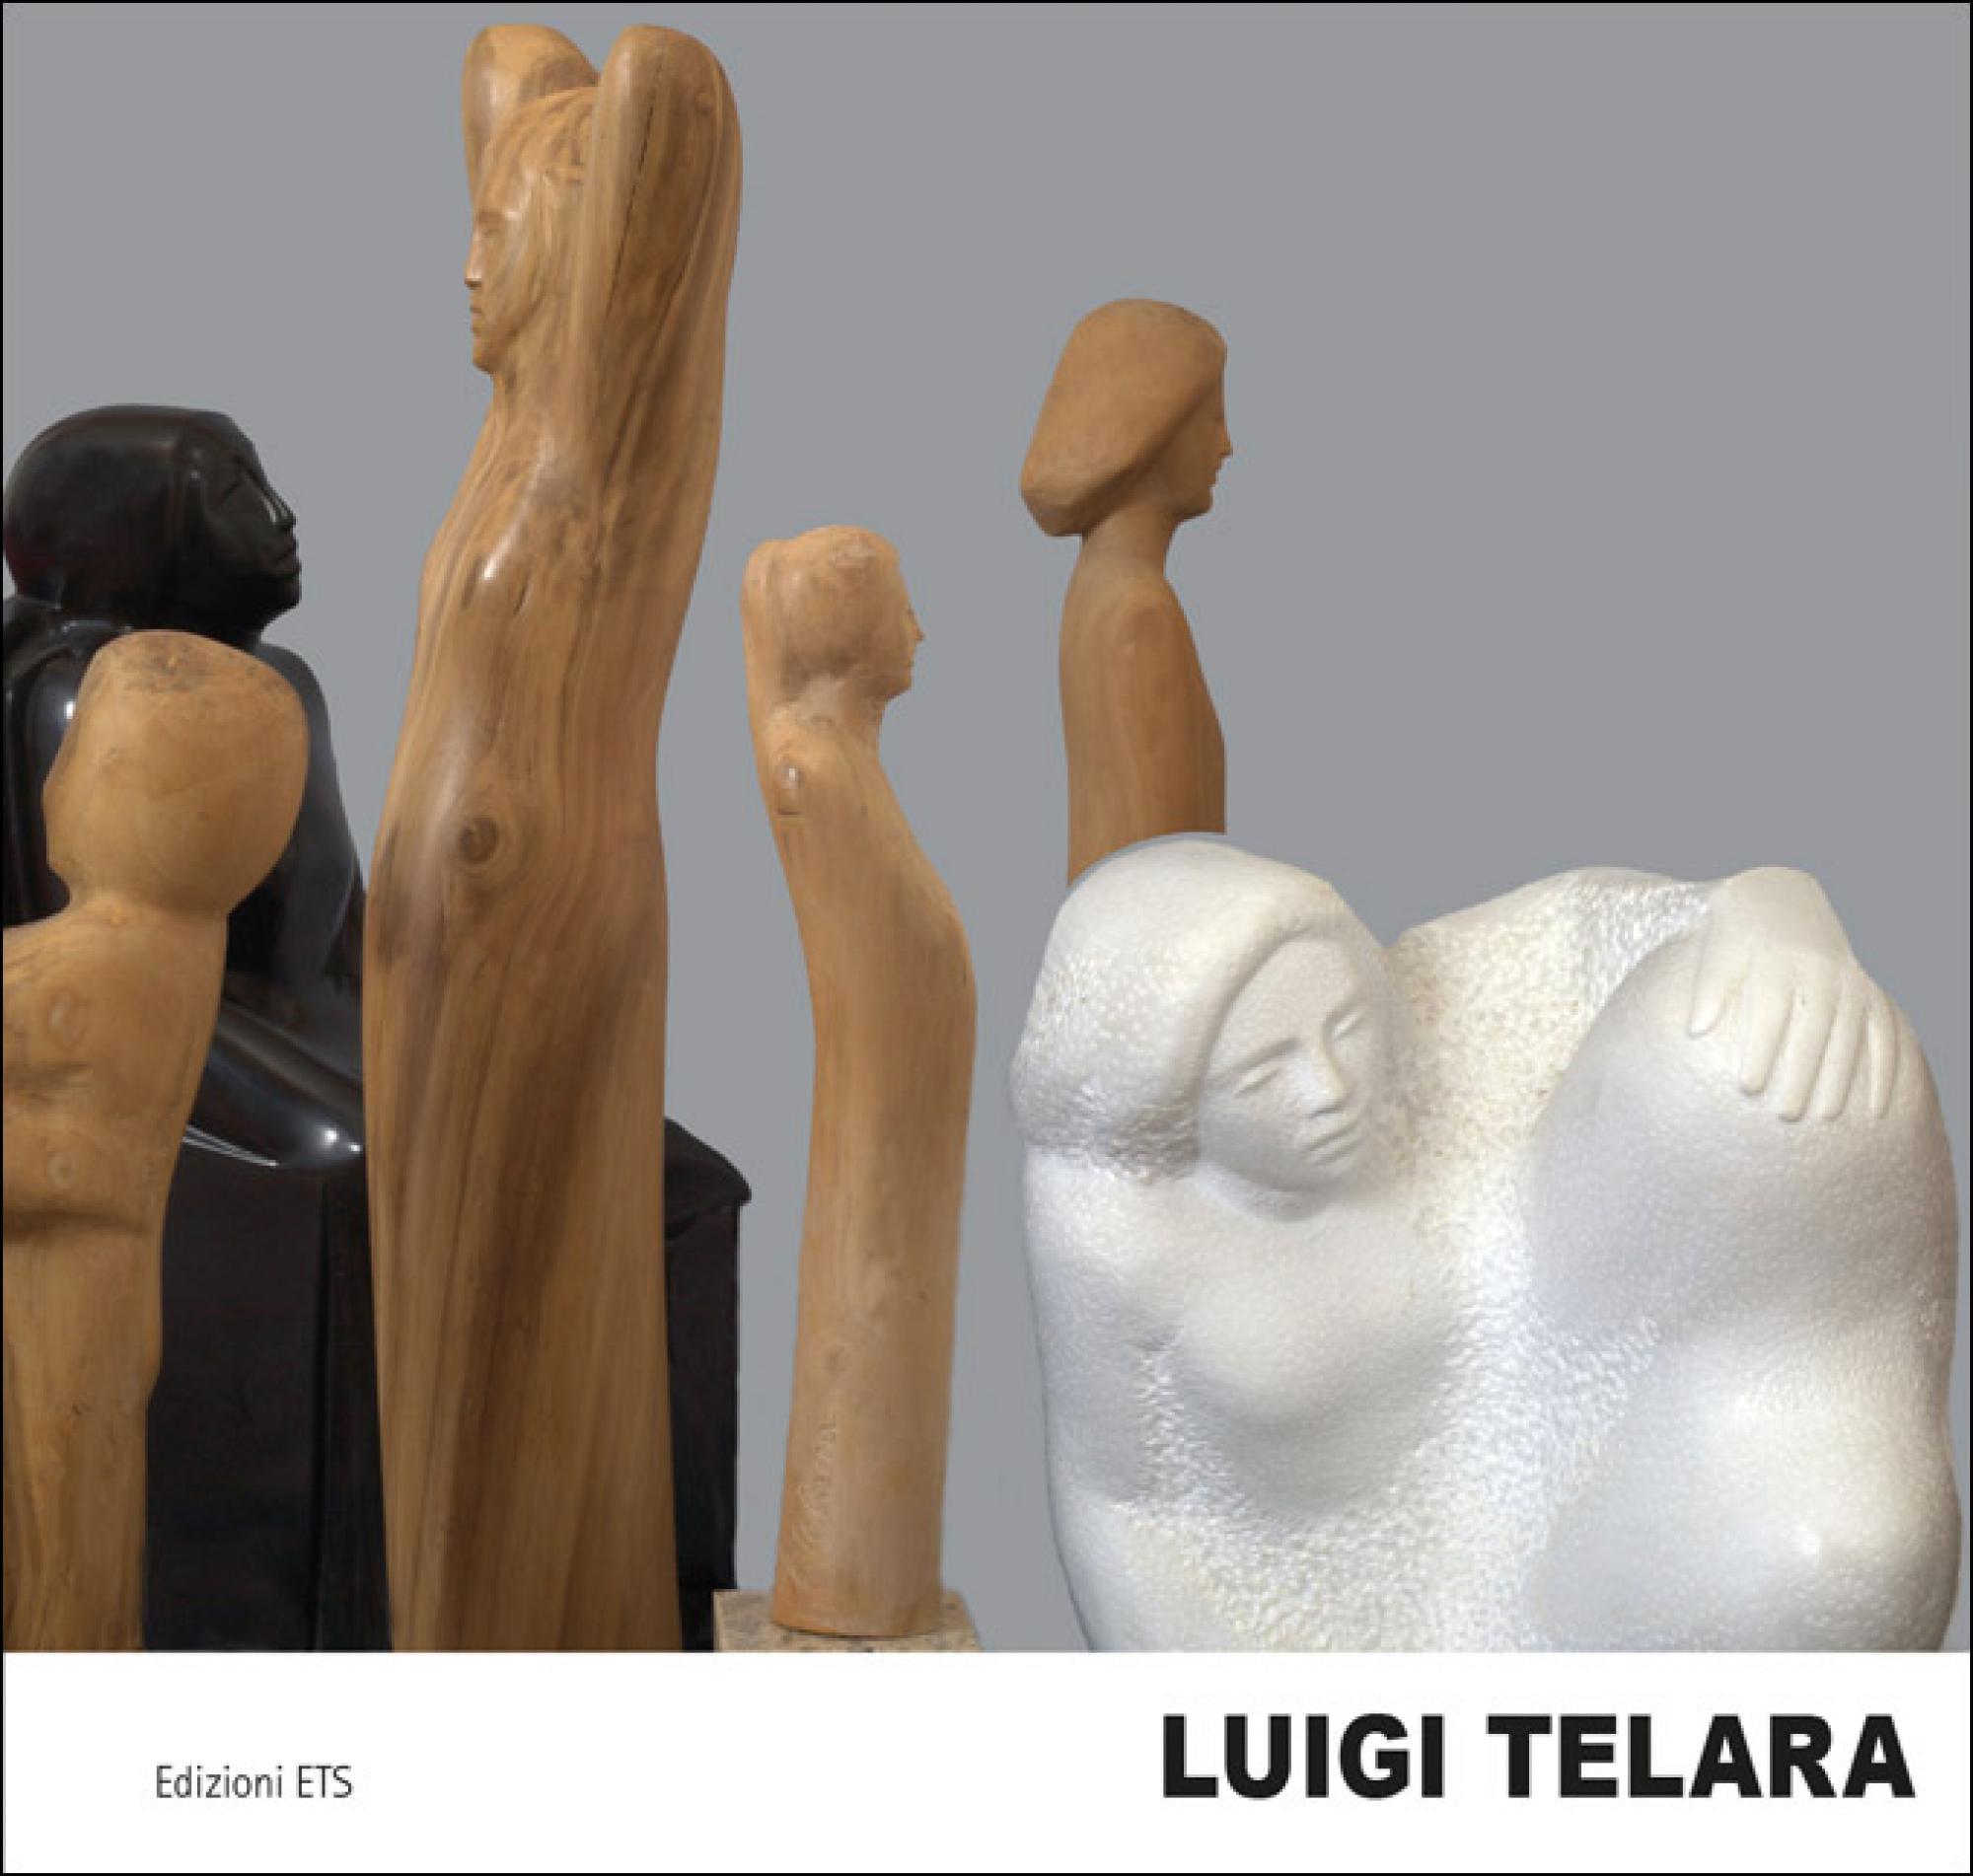 Luigi Telara.Un percorso fra arte, poesia e tecnica